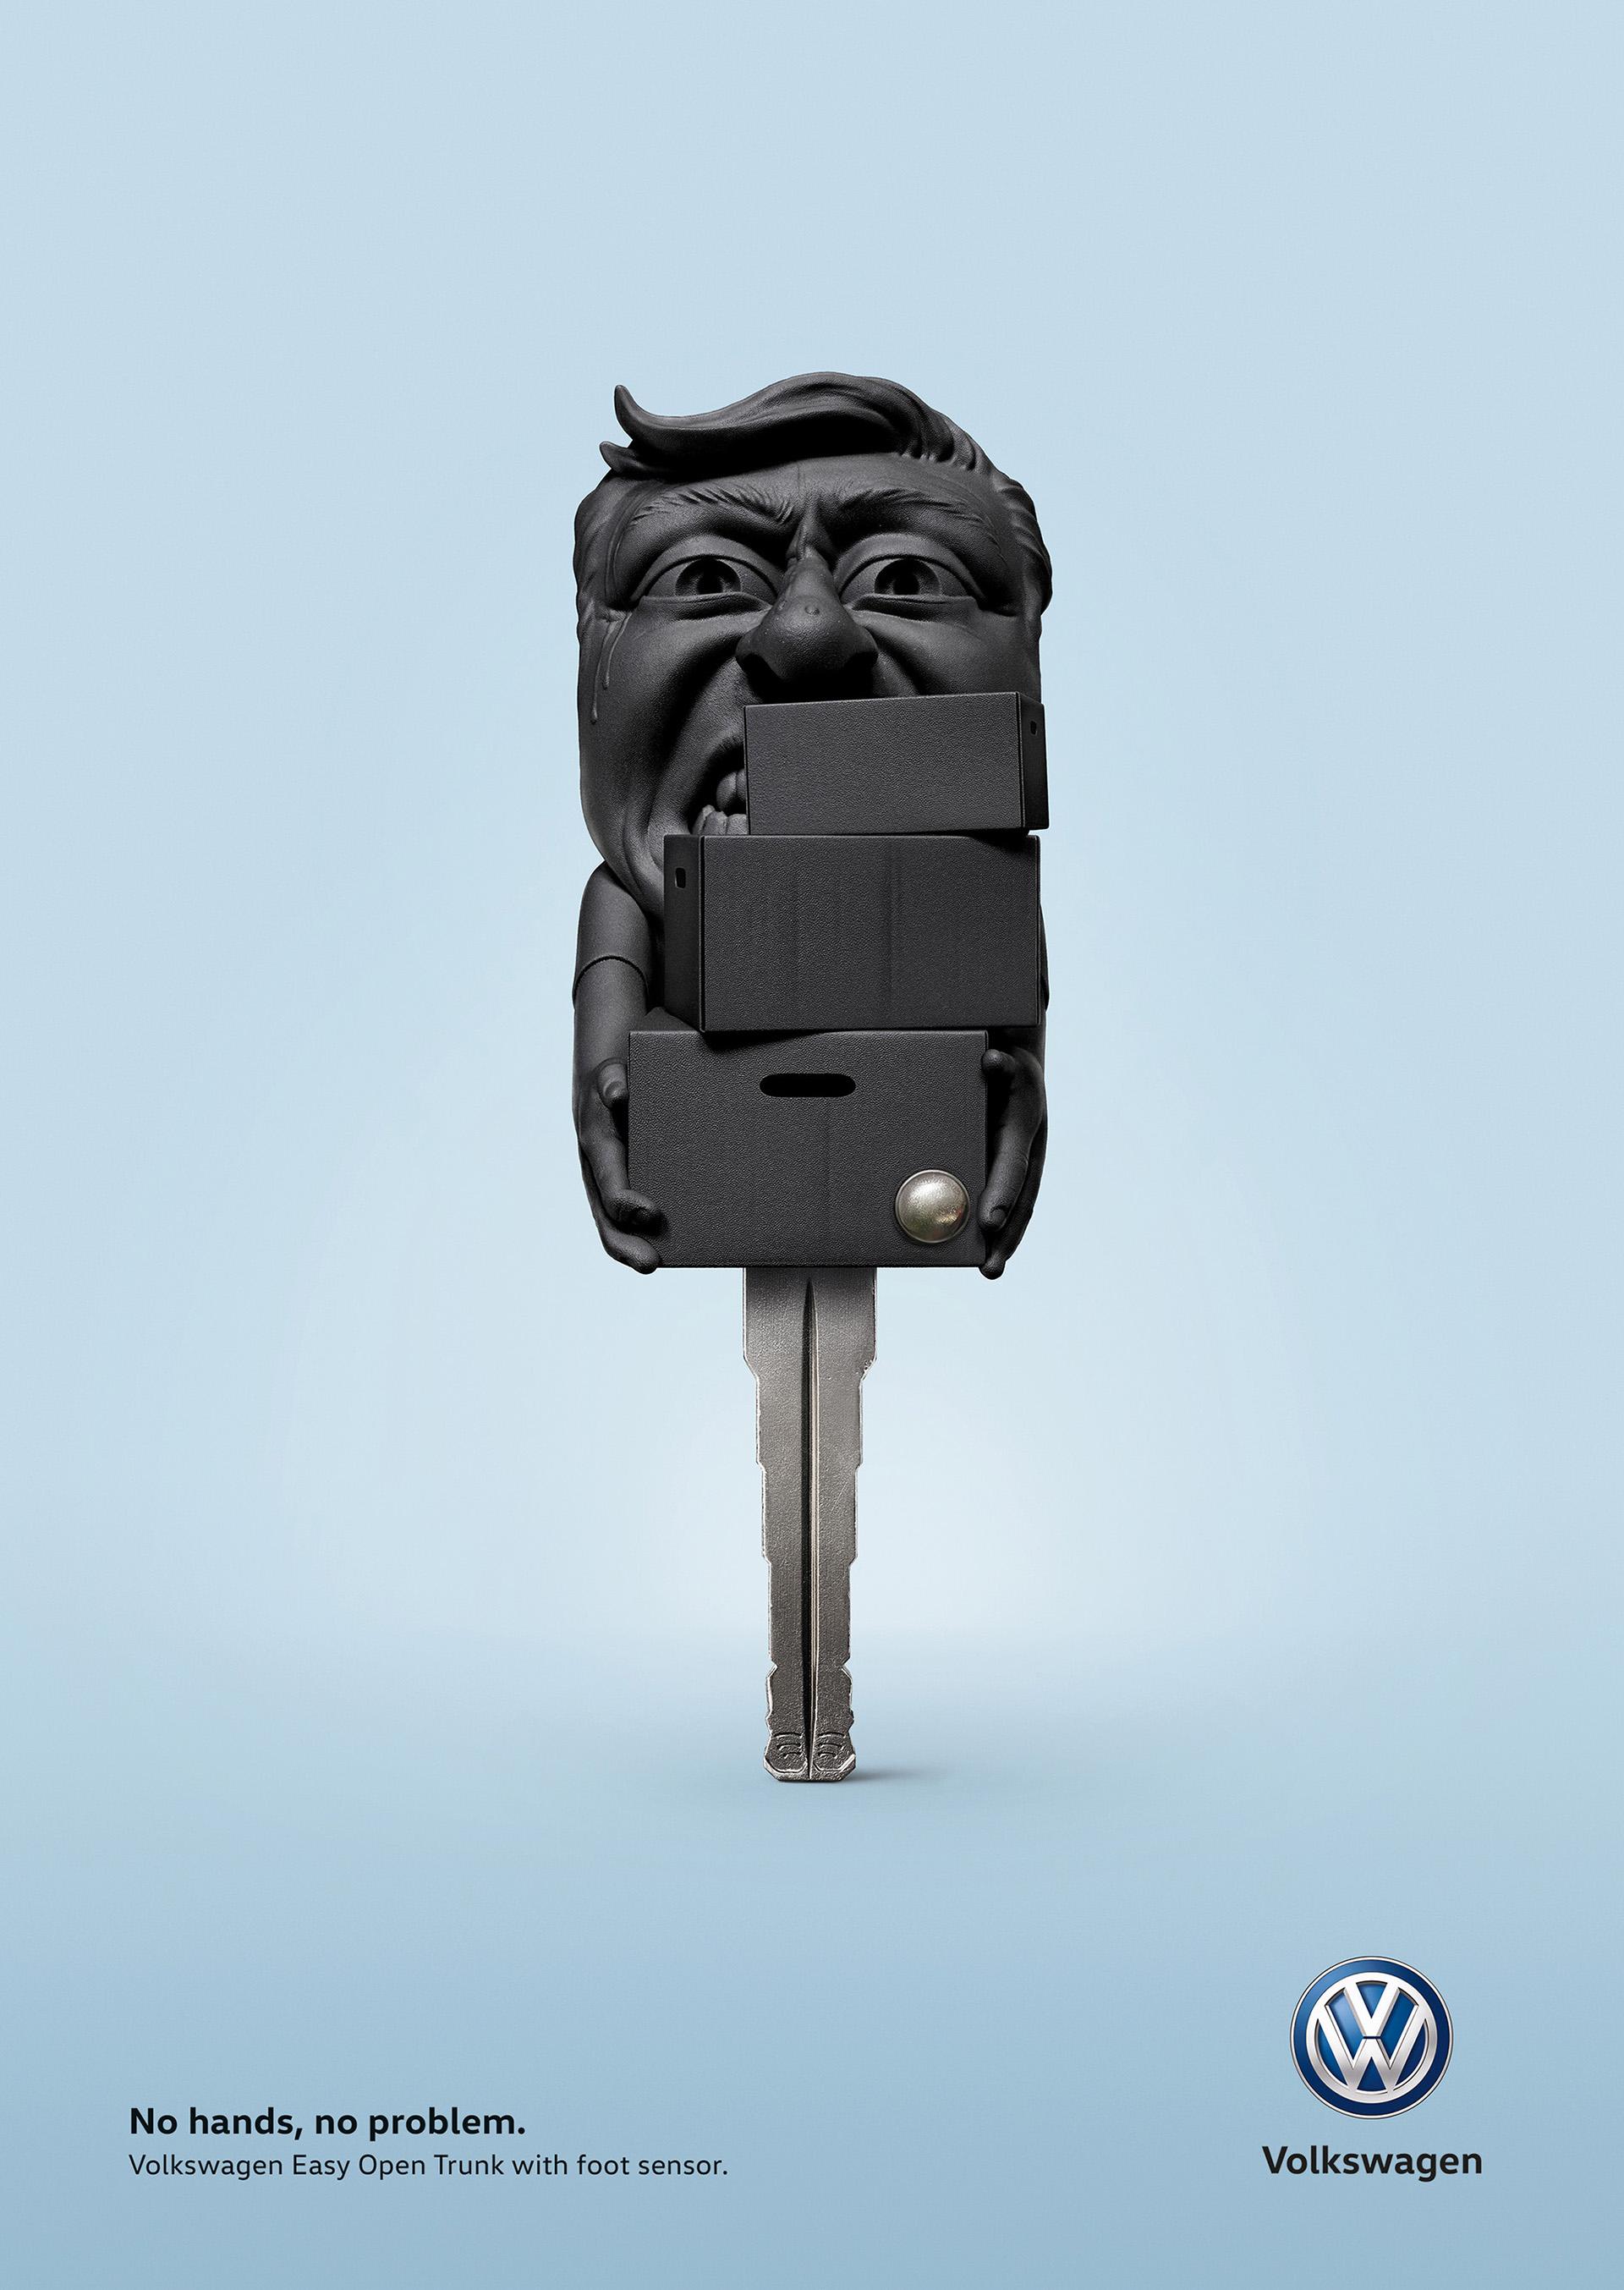 Volkswagen: No hands, no problem - Easy Open Trunk with foot sensor (1)